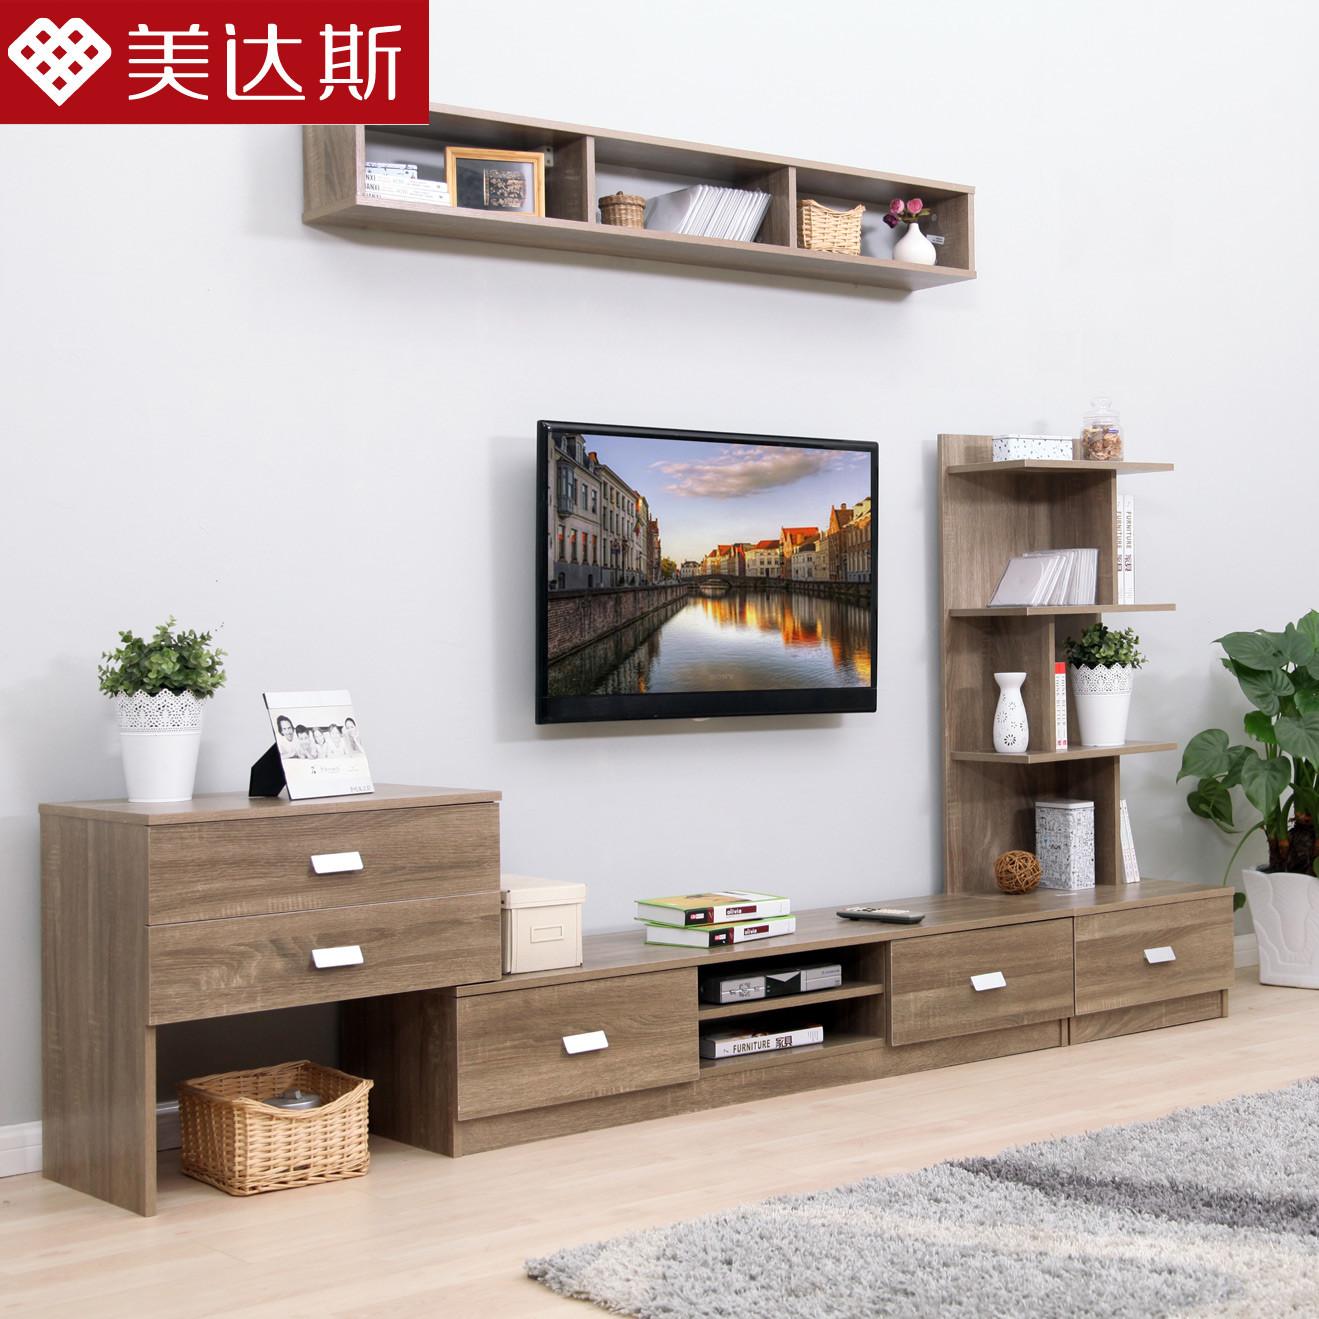 人造板刨花板/三聚氰胺板框架结构成人简约现代 11644加里电视柜